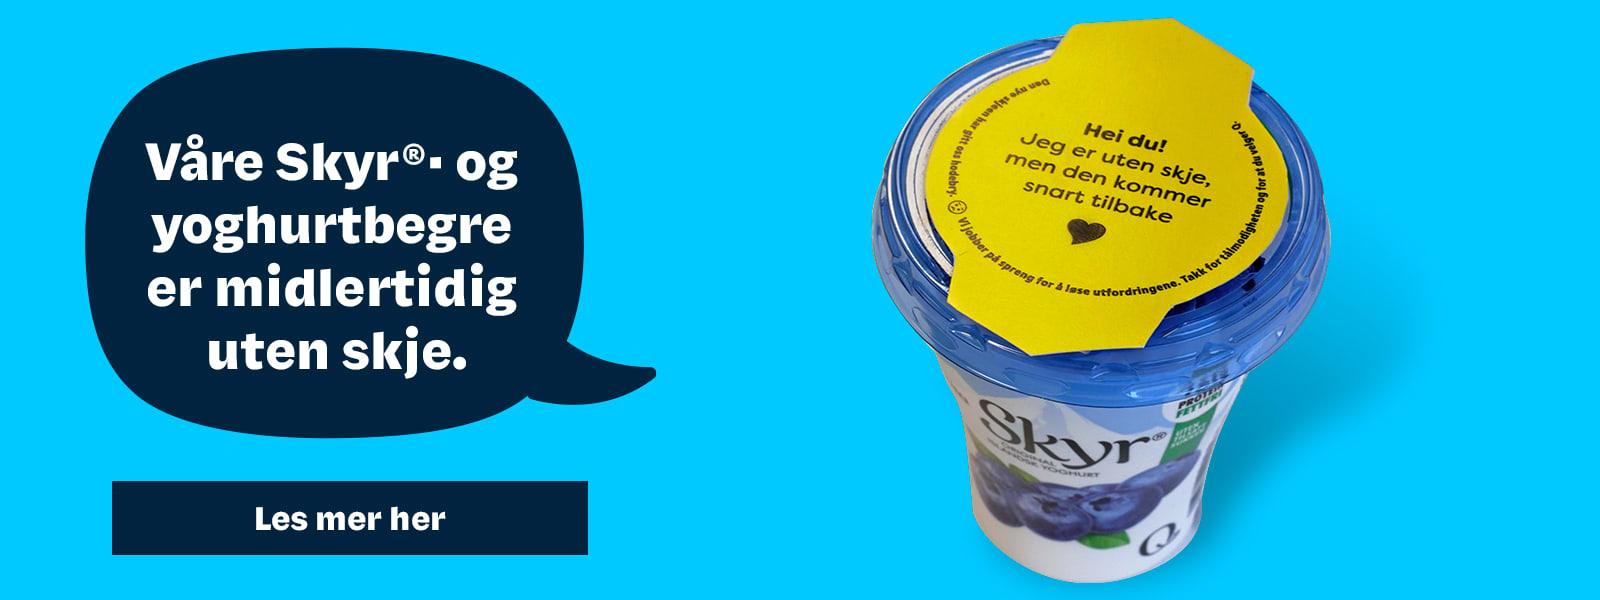 Våre Skyr og yoghurtbegre vil i en liten periode være uten skje i lokket.